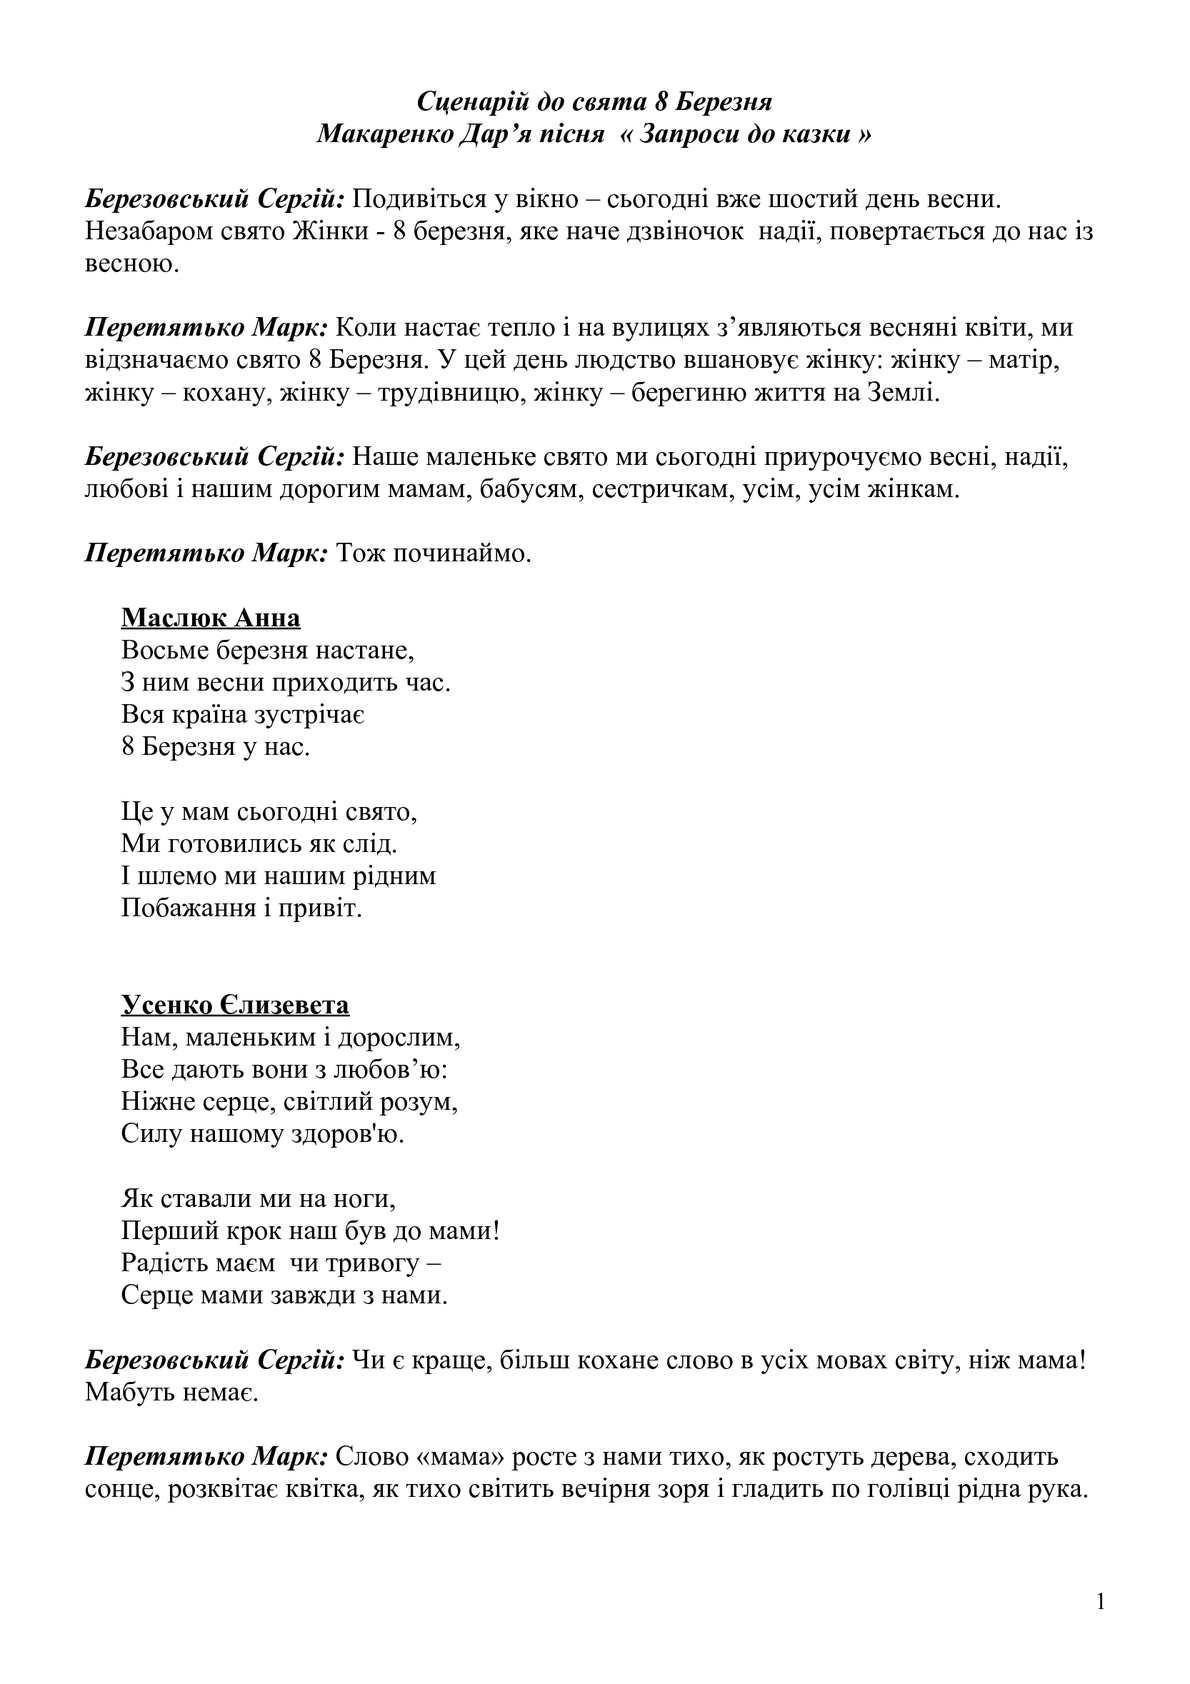 Cценарій до 8 березня в 5 класі